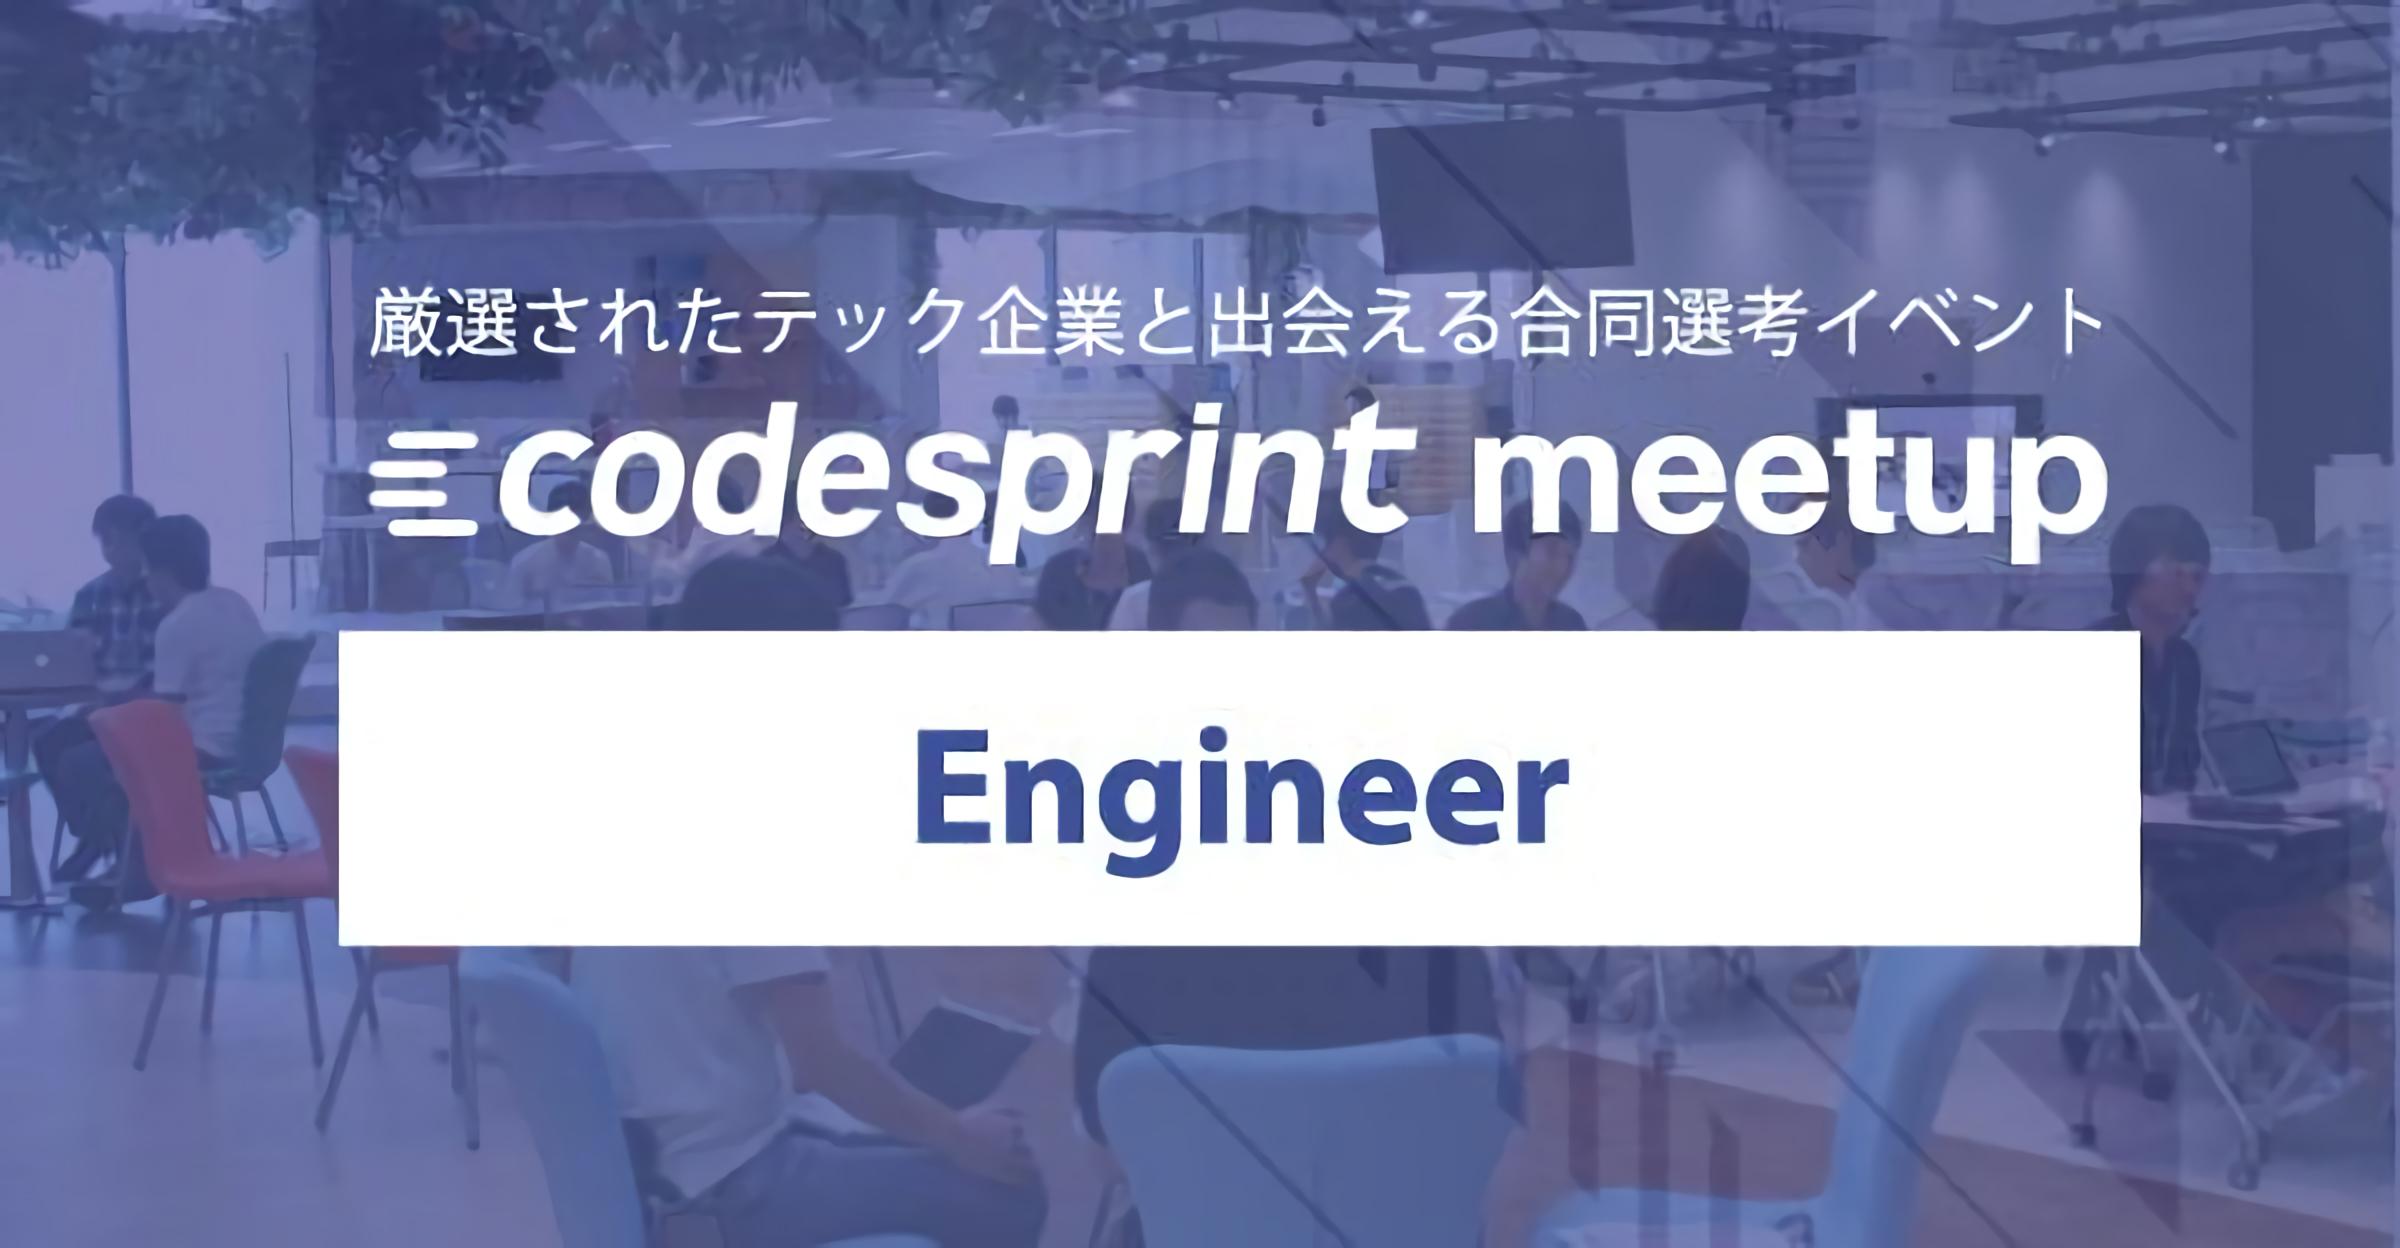 【5/27 平日開催】厳選されたテック企業と完全オンラインで出会える合同選考イベント codesprint meetup image